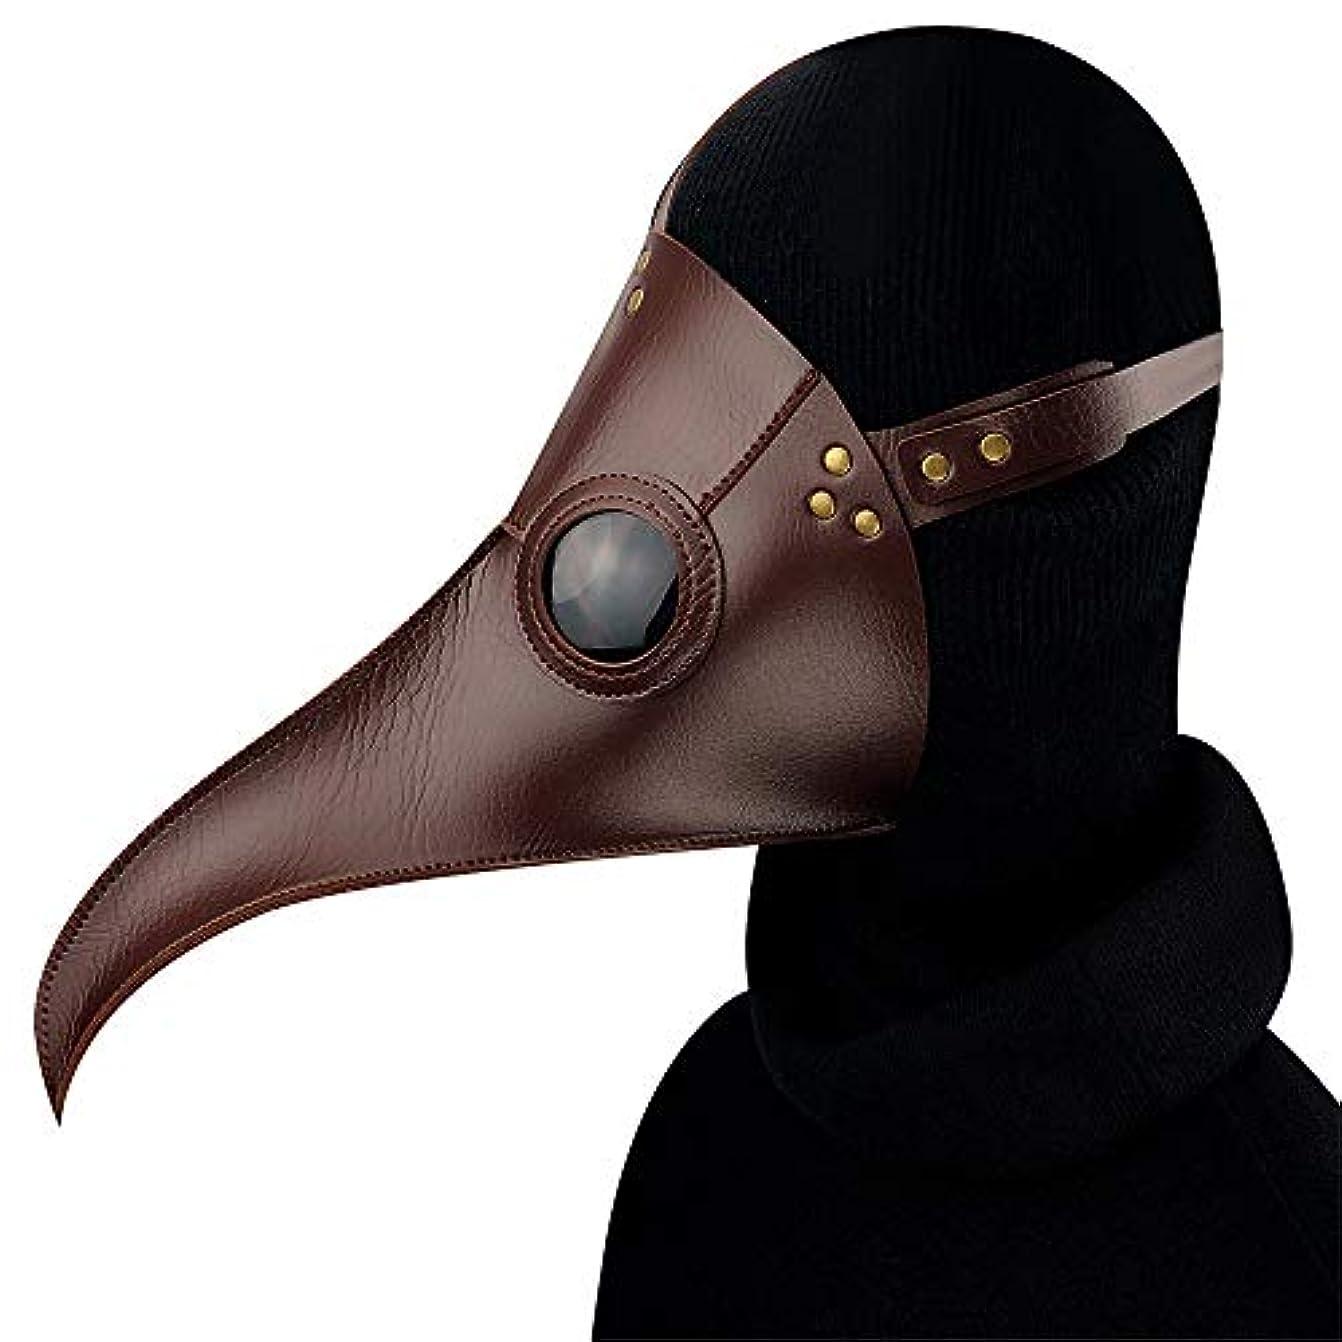 髄独裁銃ブラウンスチームパンクペストロングバード口マスクハロウィンプロップギフトロング鼻バードマスク